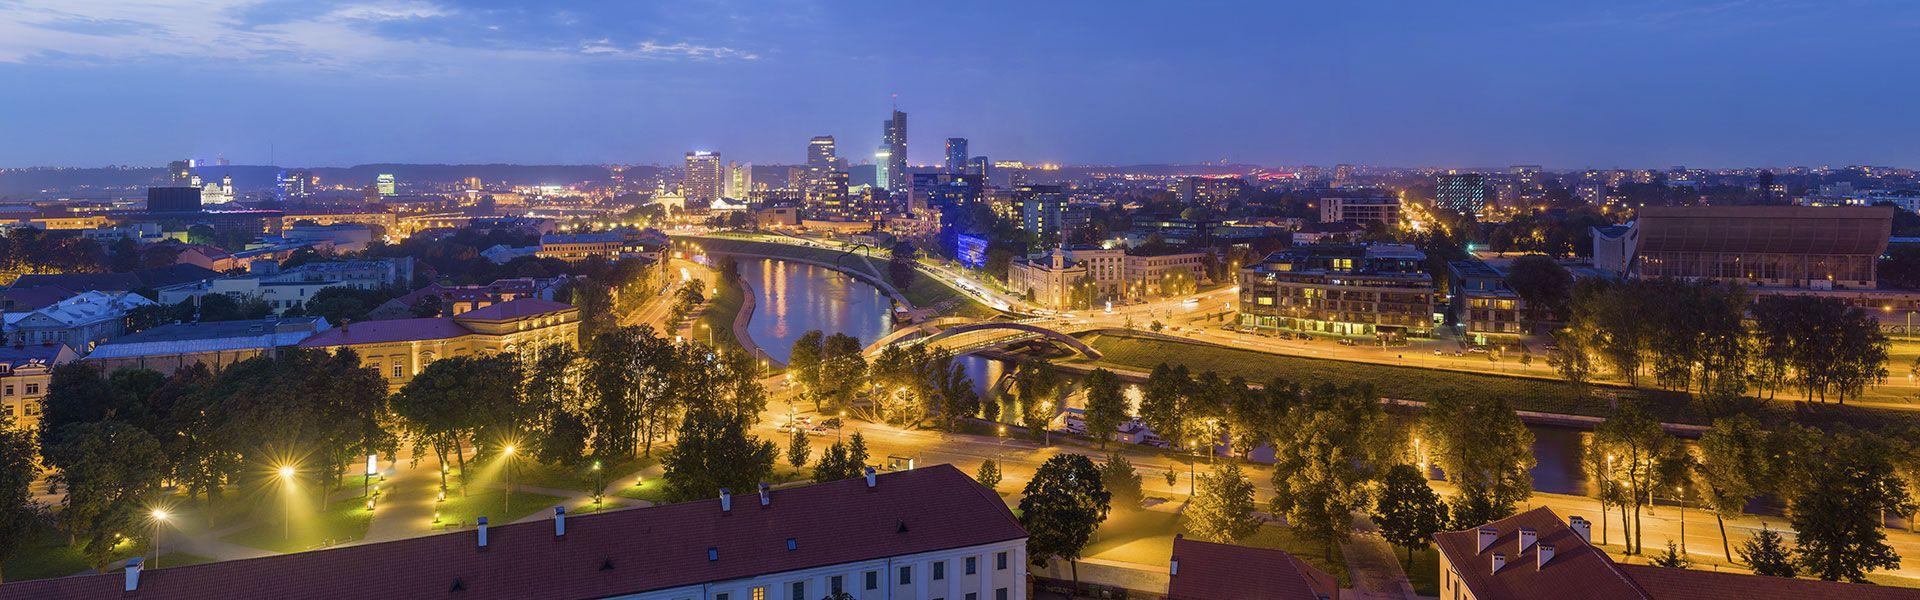 Le Repubbliche Baltiche: Tallinn, Riga e Vilnius